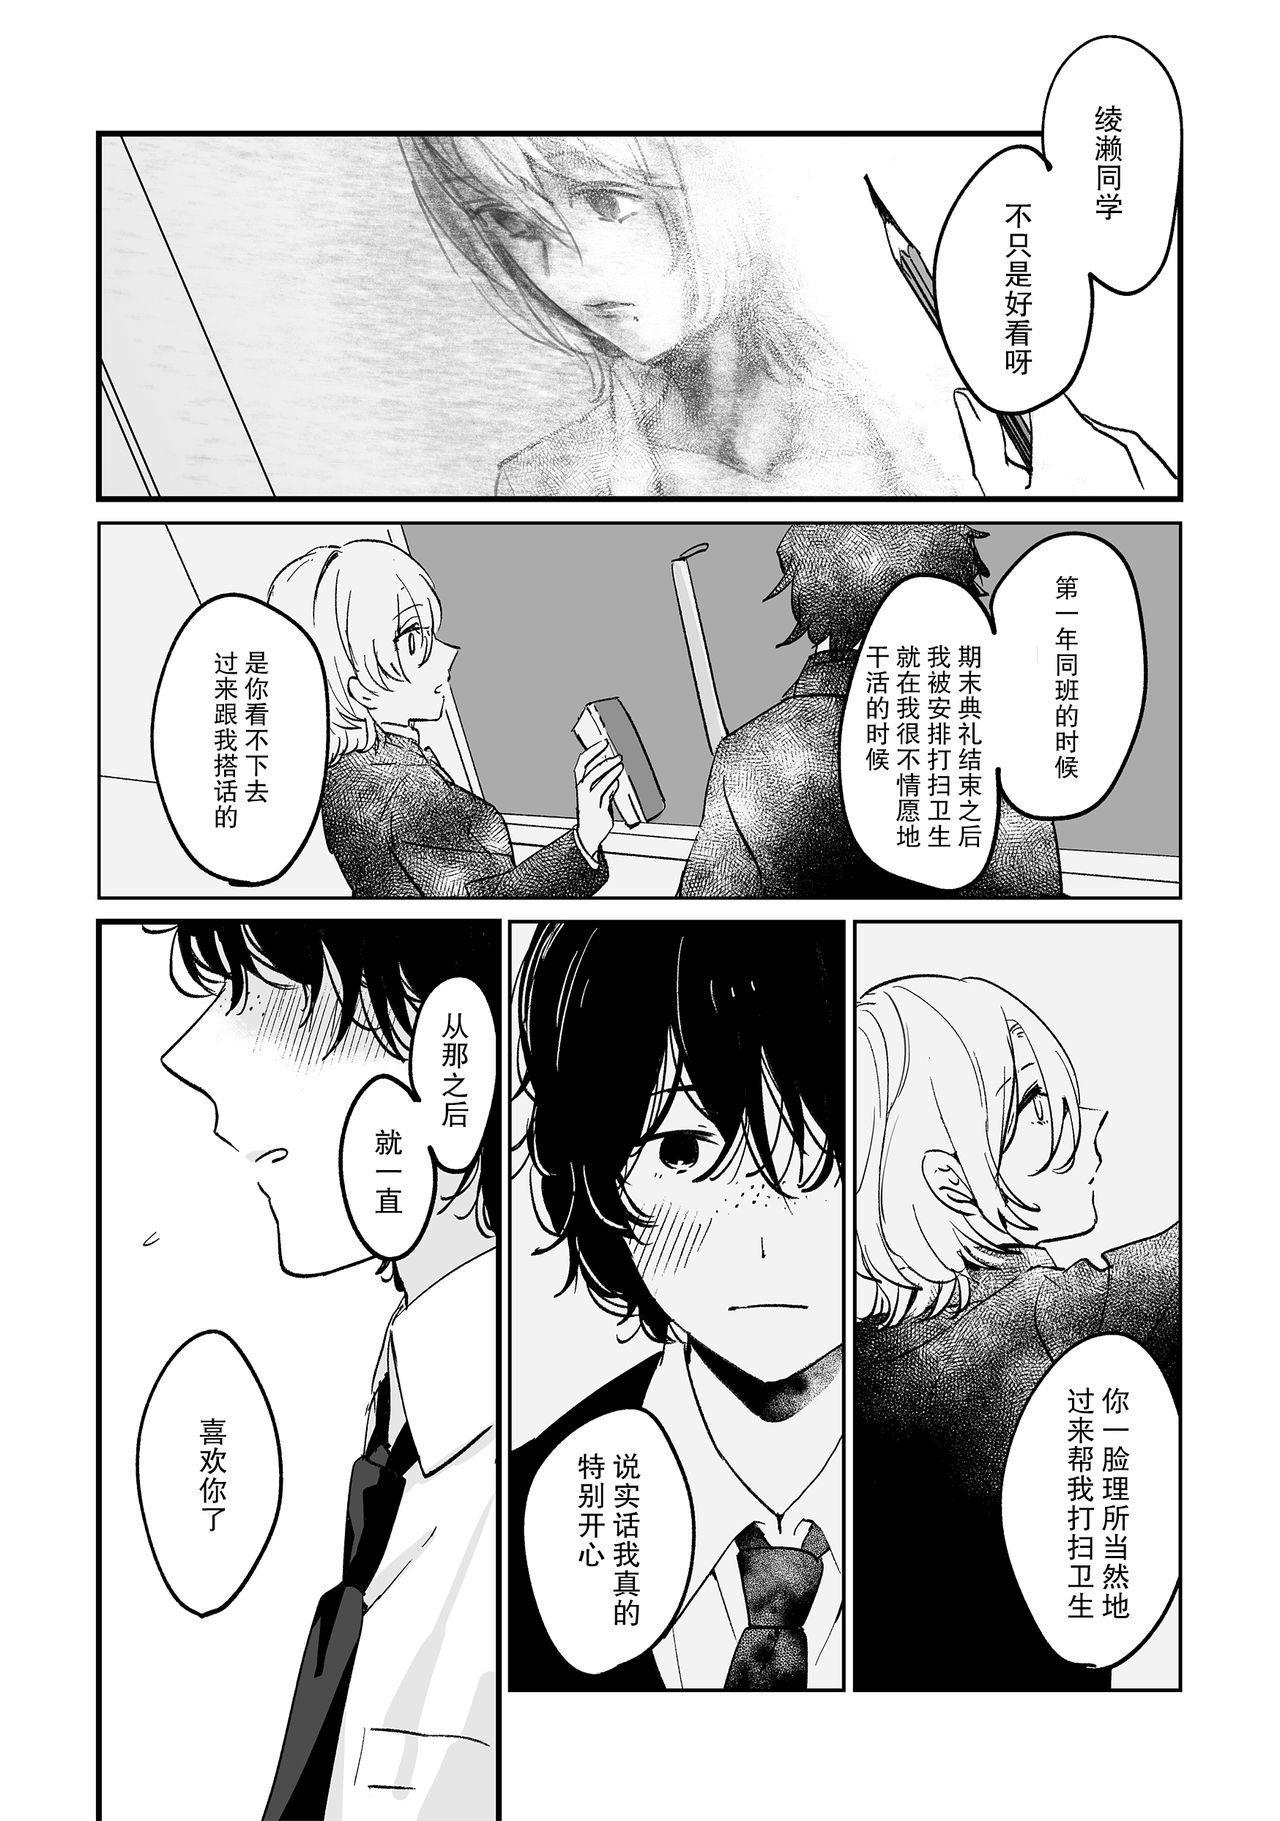 Houkago Sketch 8